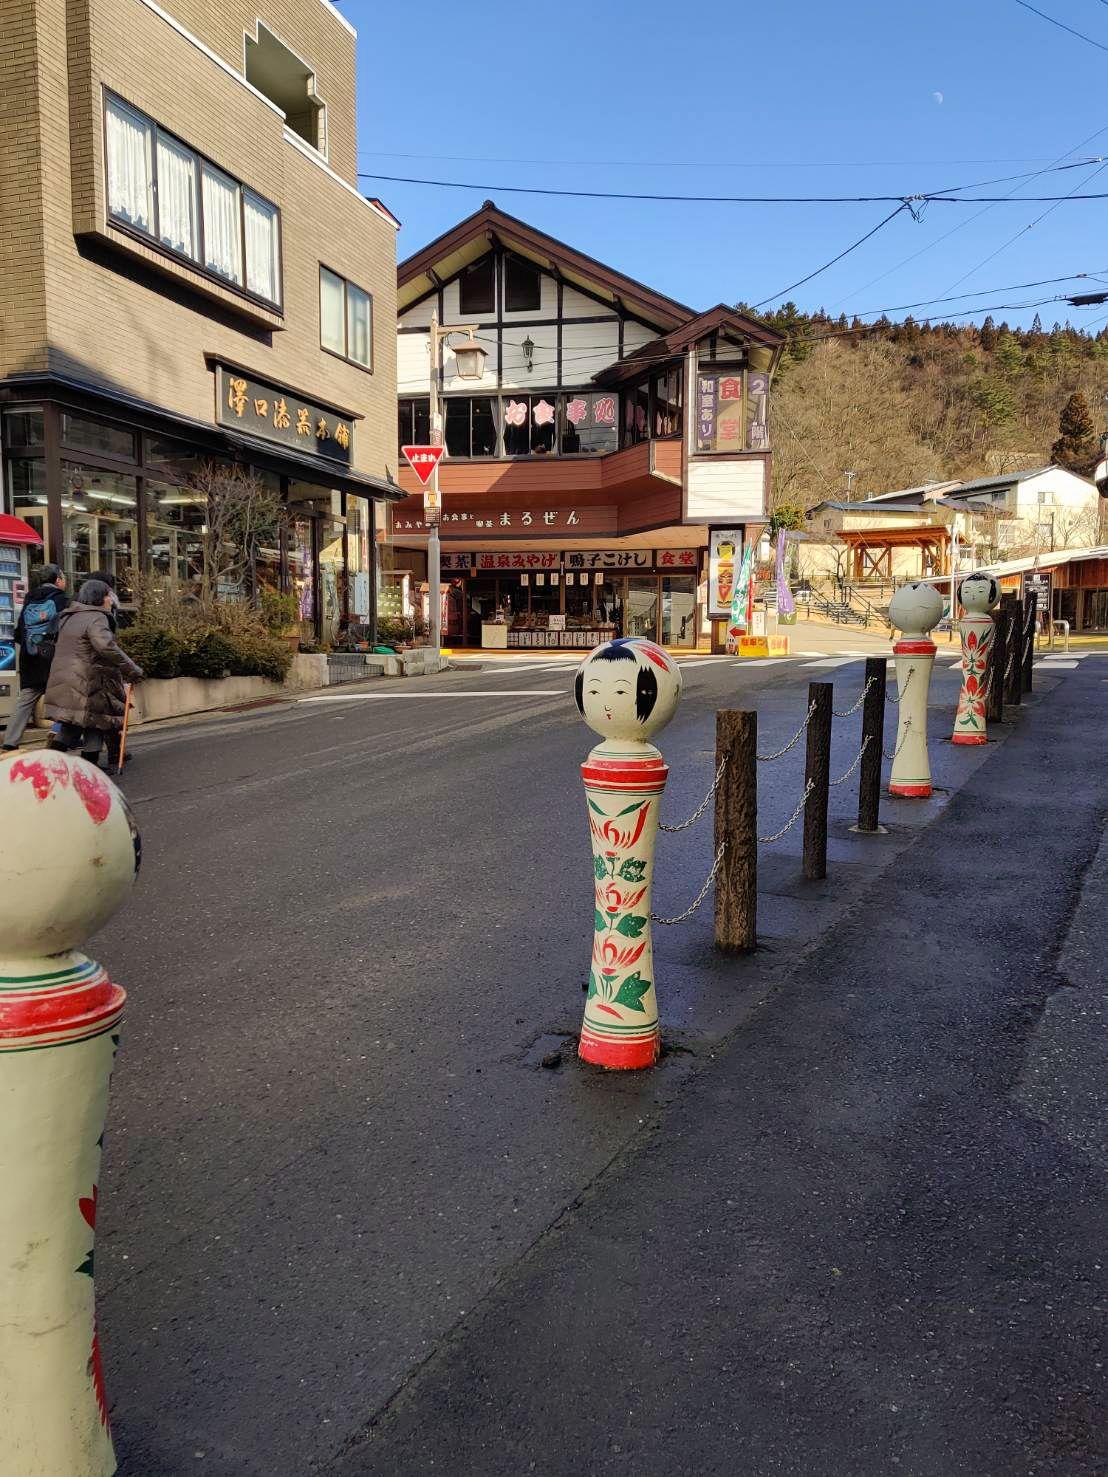 Большие куклы украшают улицу в Наруко-онсэн, одном из центров производства кокэси